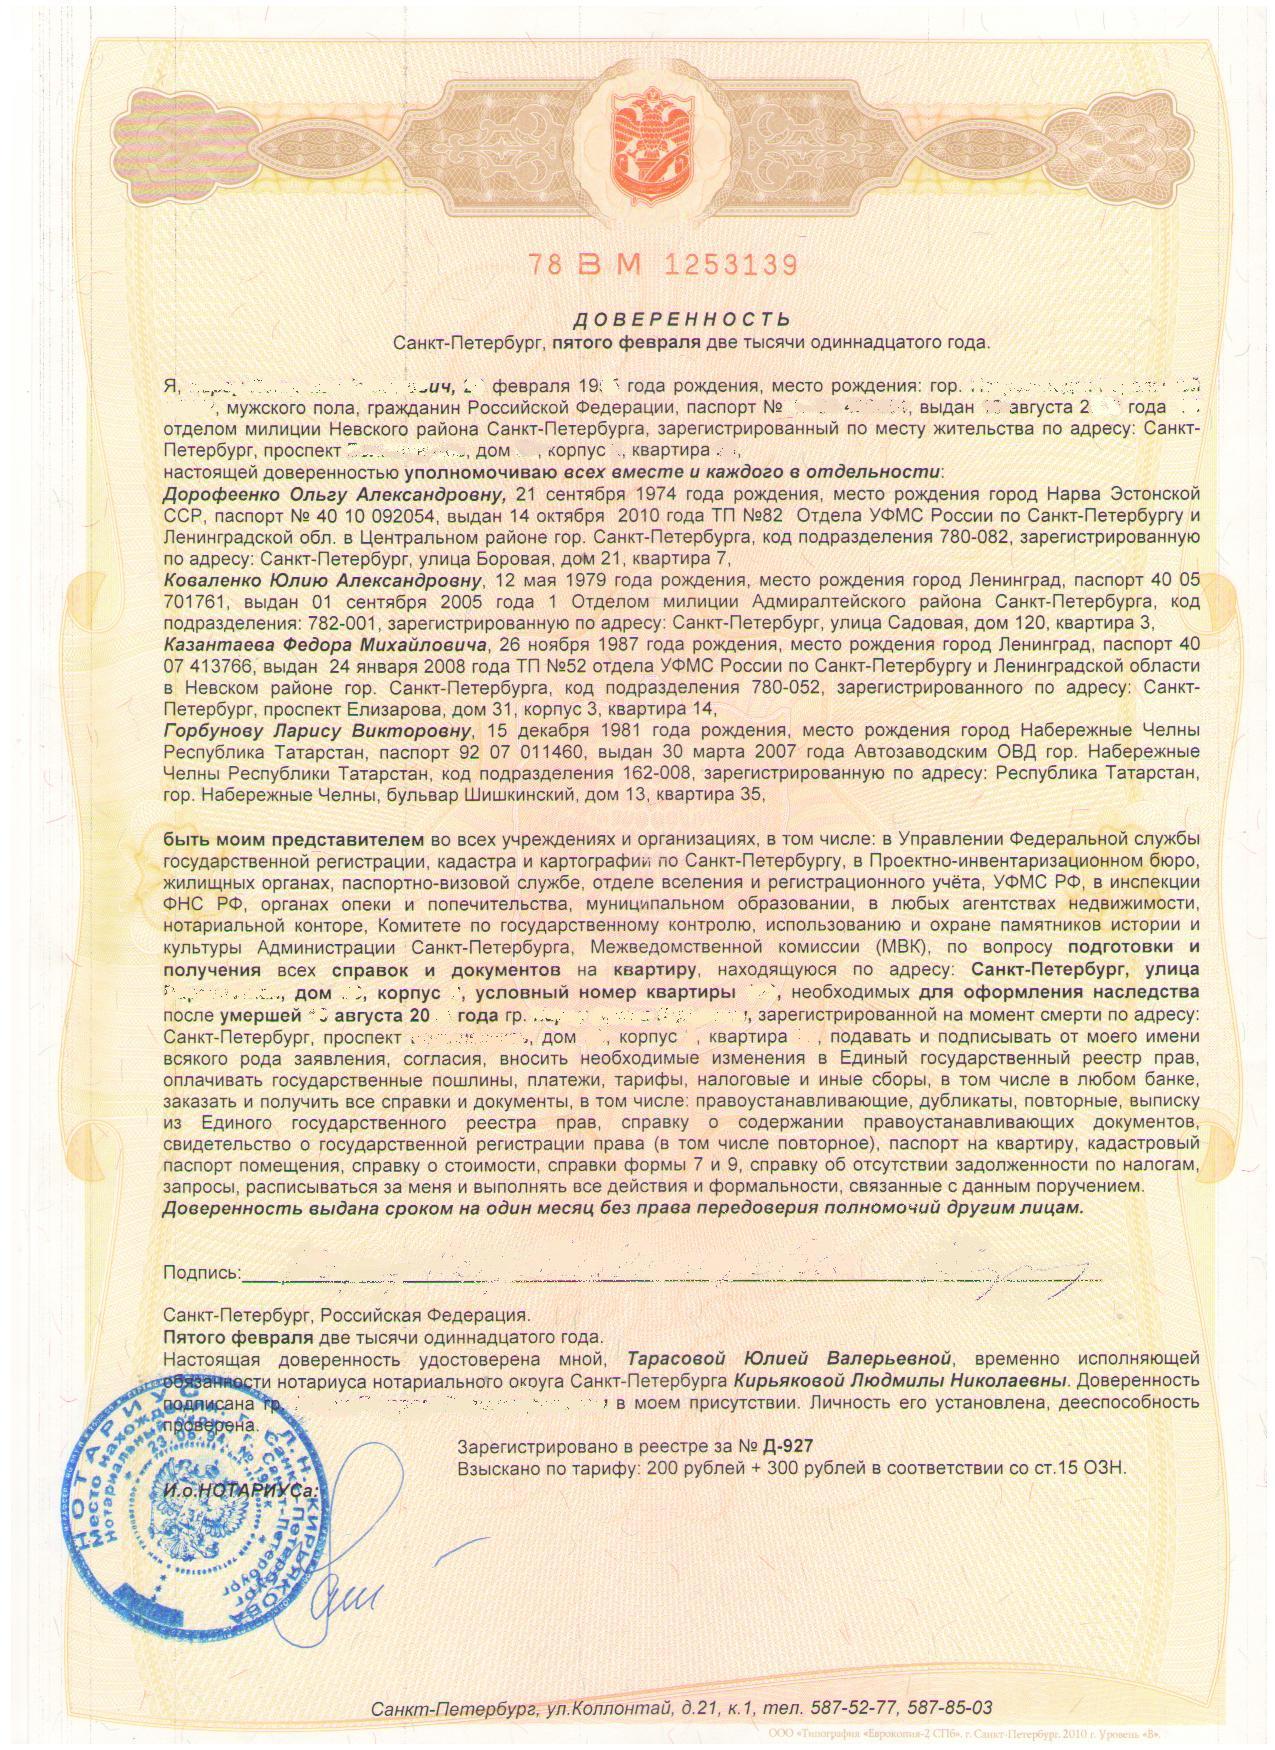 Переход Республики Крым под юрисдикцию